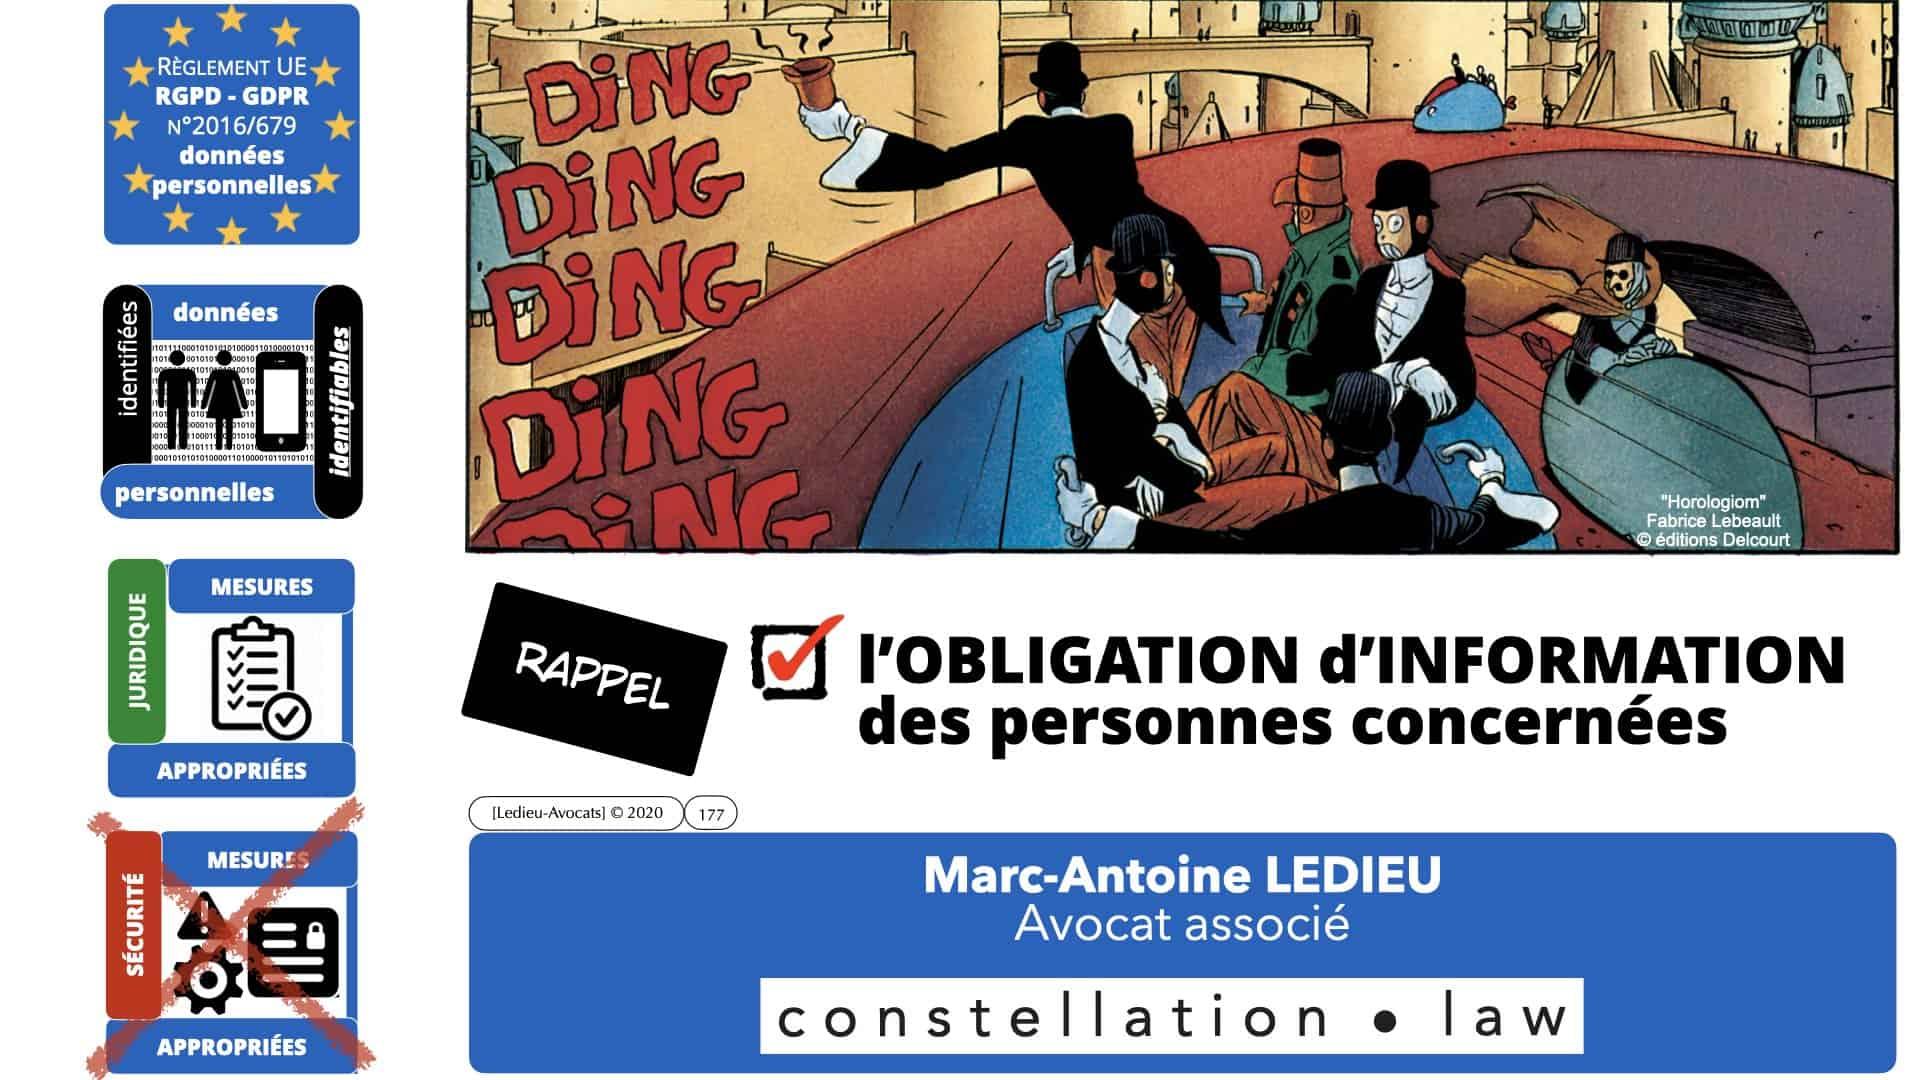 RGPD e-Privacy données personnelles jurisprudence formation Lamy Les Echos 10-02-2021 ©Ledieu-Avocats.177